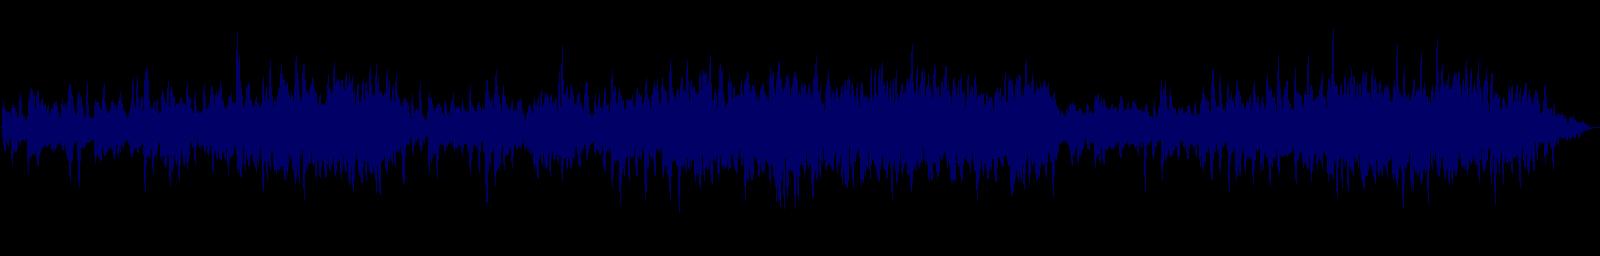 waveform of track #152135